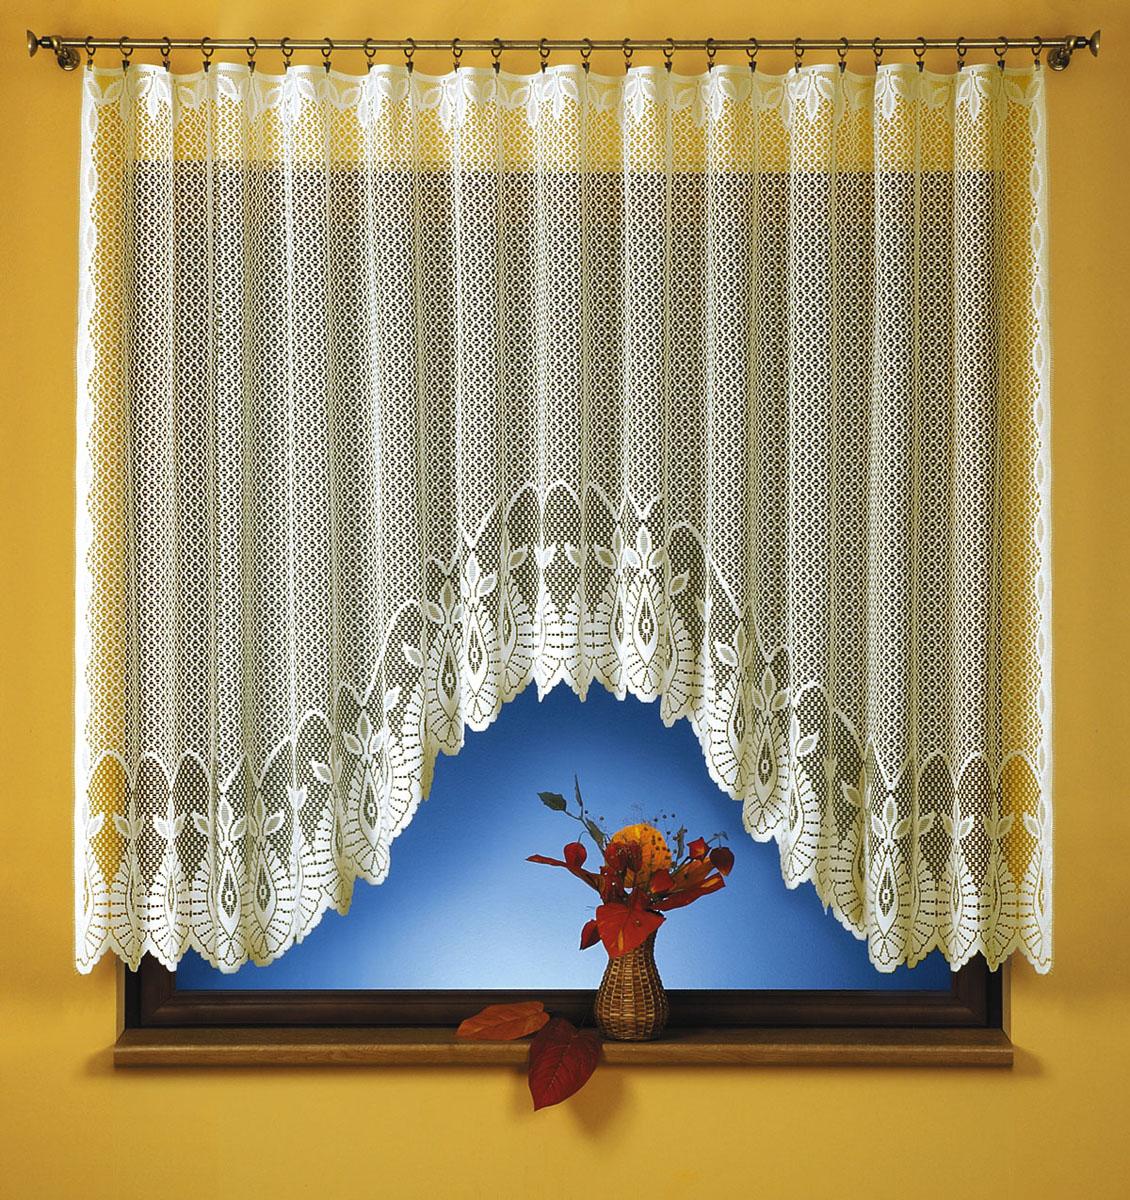 Штора для кухни Wisan, на ленте, цвет: кремовый, высота 150 см. 92619261Жаккардовая штора Wisan, выполненная из легкого полиэстера, станет великолепным украшением кухонного окна. Изделие имеет ассиметричную длину и красивый узор по краю. Качественный материал, тонкое плетение и оригинальный дизайн привлекут к себе внимание и позволят шторе органично вписаться в интерьер помещения. Штора оснащена шторной лентой под зажимы для крепления на карниз.